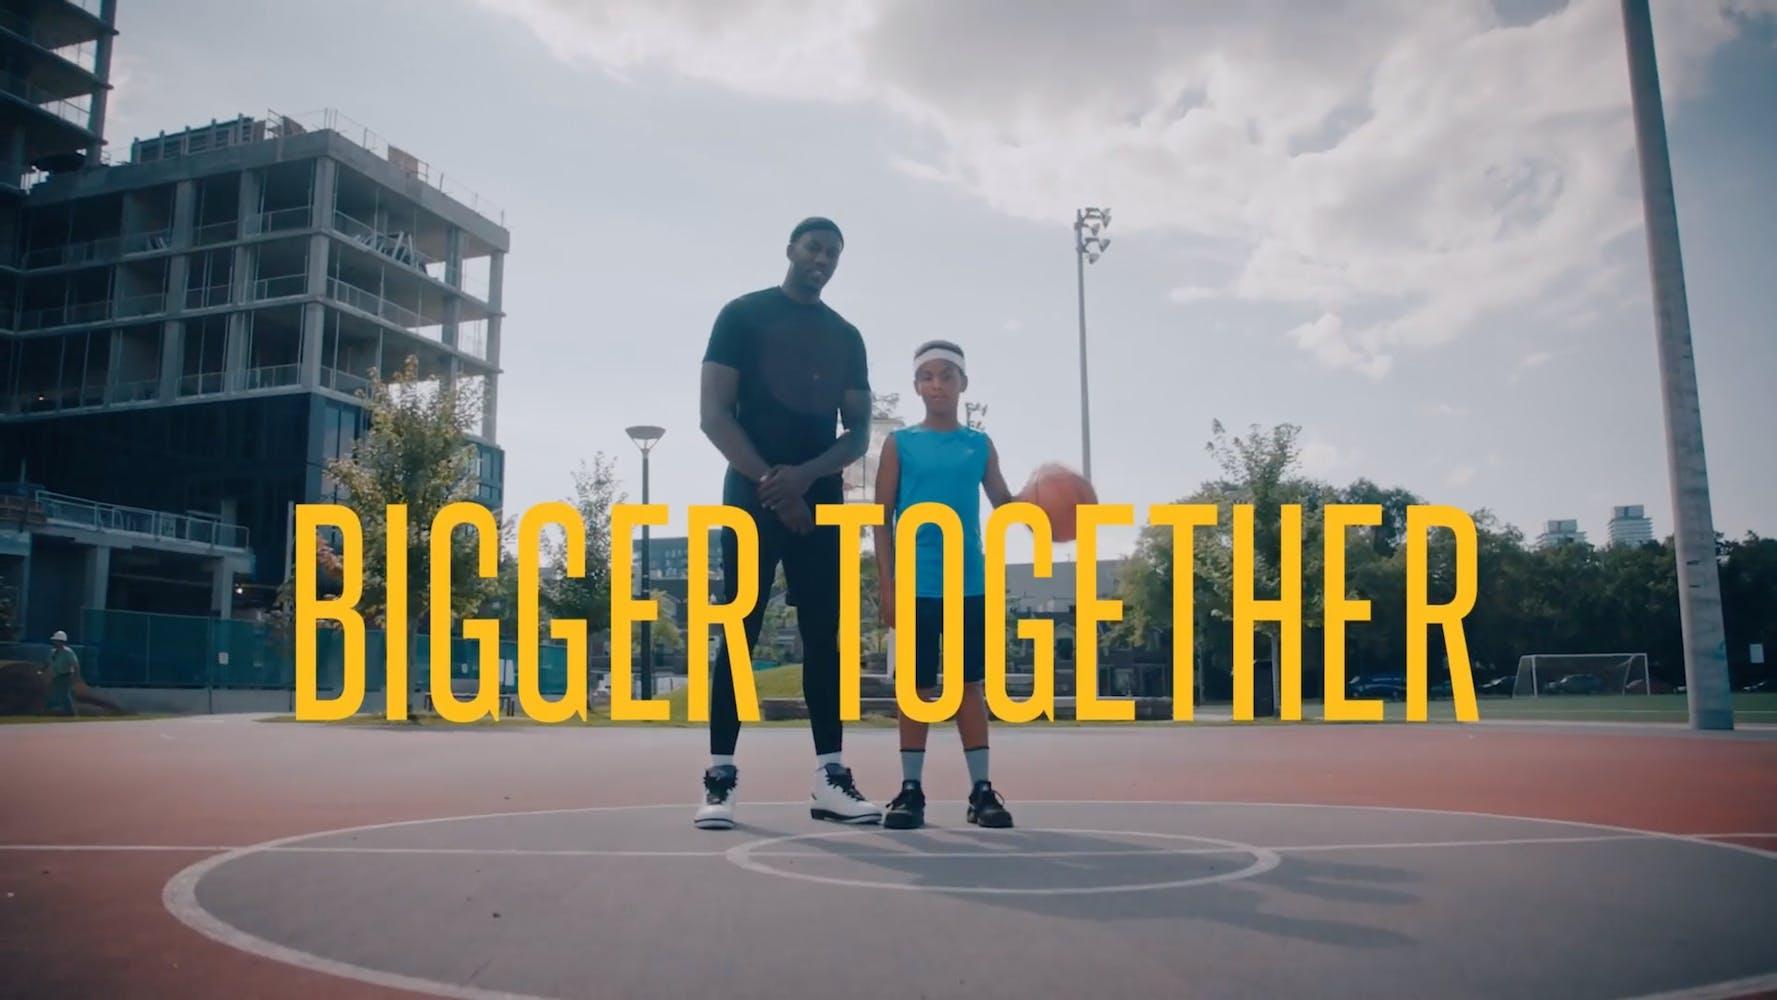 bigger-together